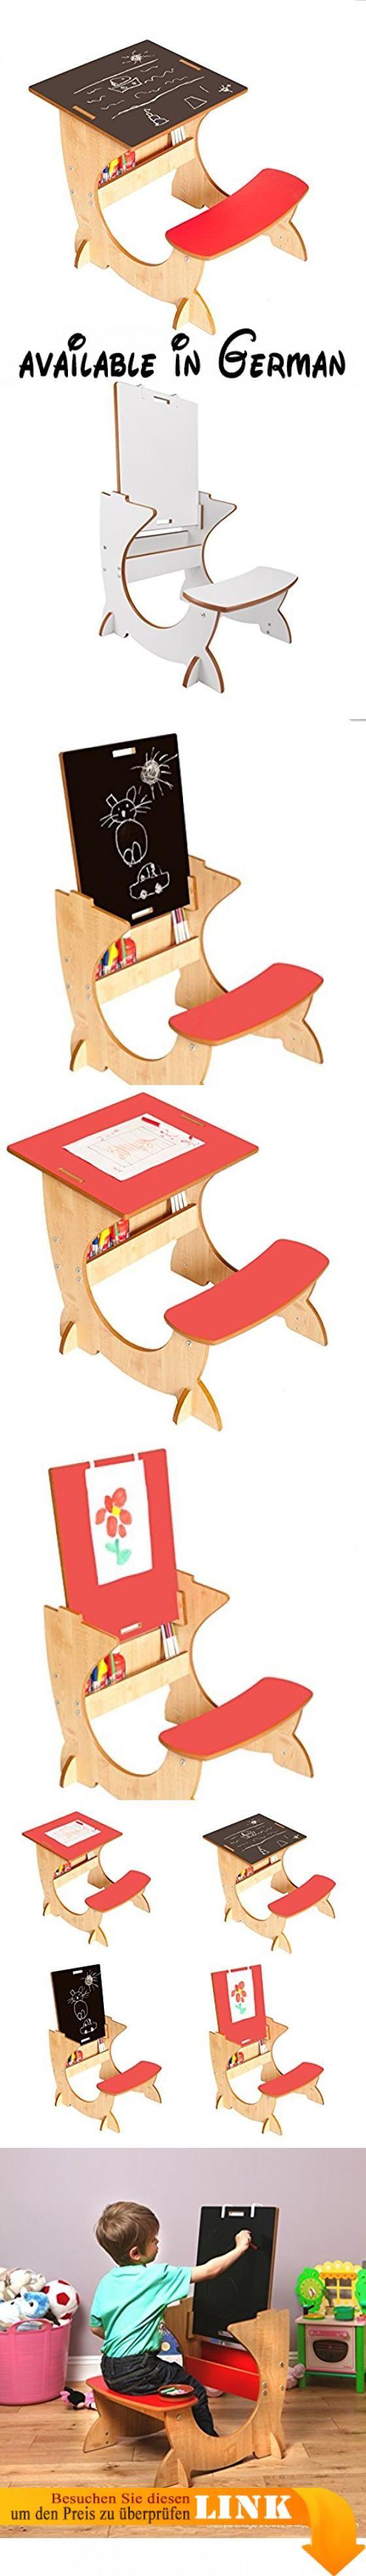 Little Helper ASI01-2 - 4-in-1 Holz Art Station Kinder Schreibtisch mit Kreidetafel und Staffelei, Rot. Voll Sicherheits getestet, zu europäischen Standard, ist die ArtStation eine witzige 4-in-Einem Kombination aus Schreibtisch, Kreidetafel und Staffelei. Für Kinder im Alter von 2-6 Jahren.. Die Schreibtischplatte ist abnehmbar und doppelseitig: Schreibtisch auf einer- und Kreidetafel auf der andren Seite. Die umkehrbare Schreibtischplatte lässt sich durch Schiebenuten